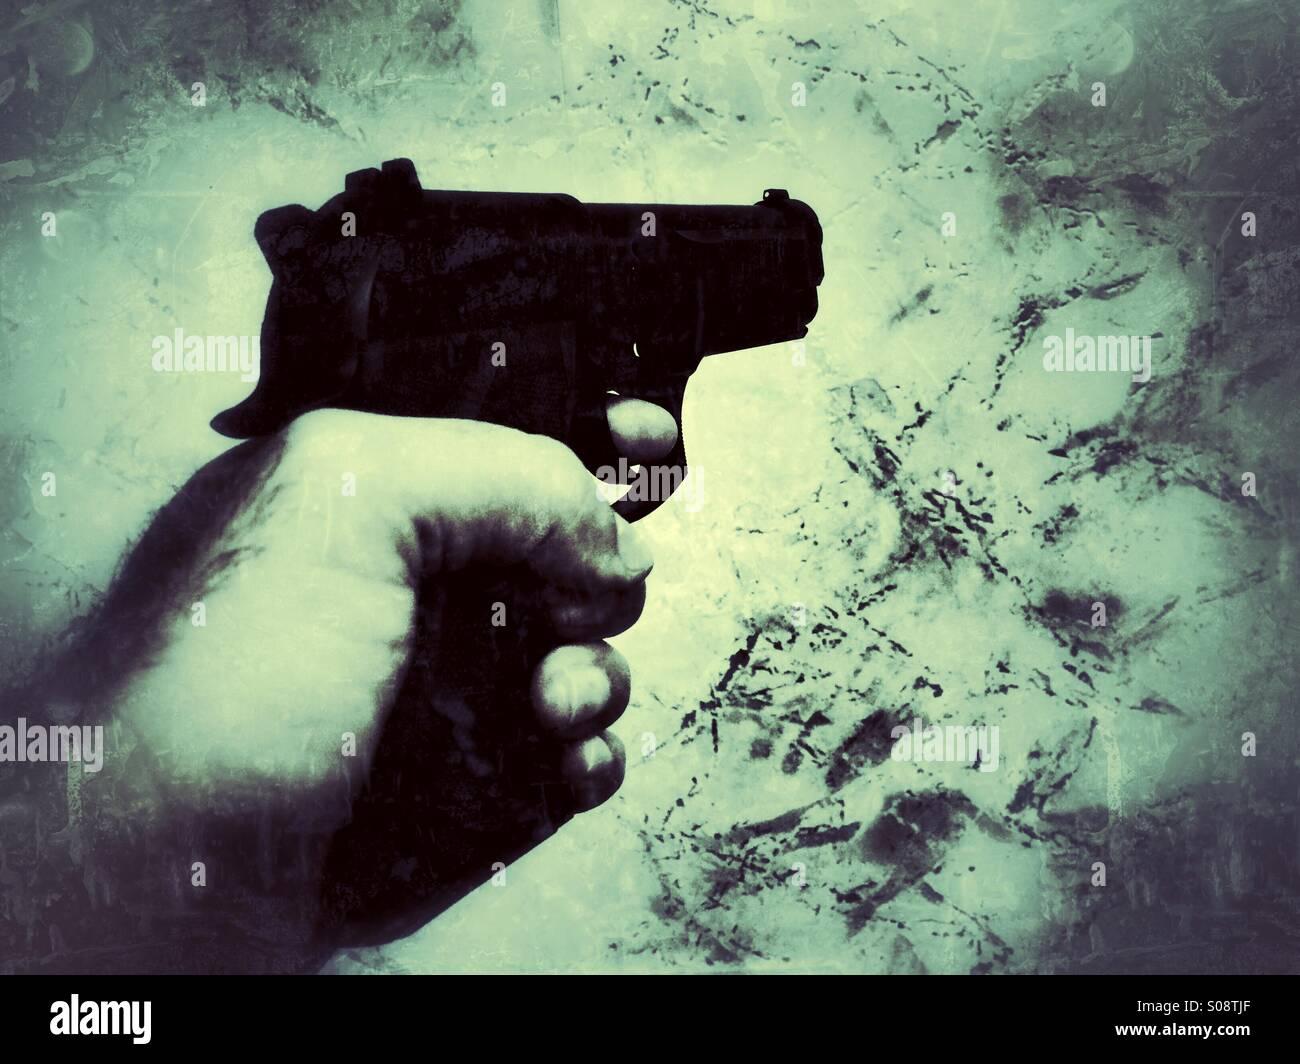 El hombre disparo con una pistola Imagen De Stock